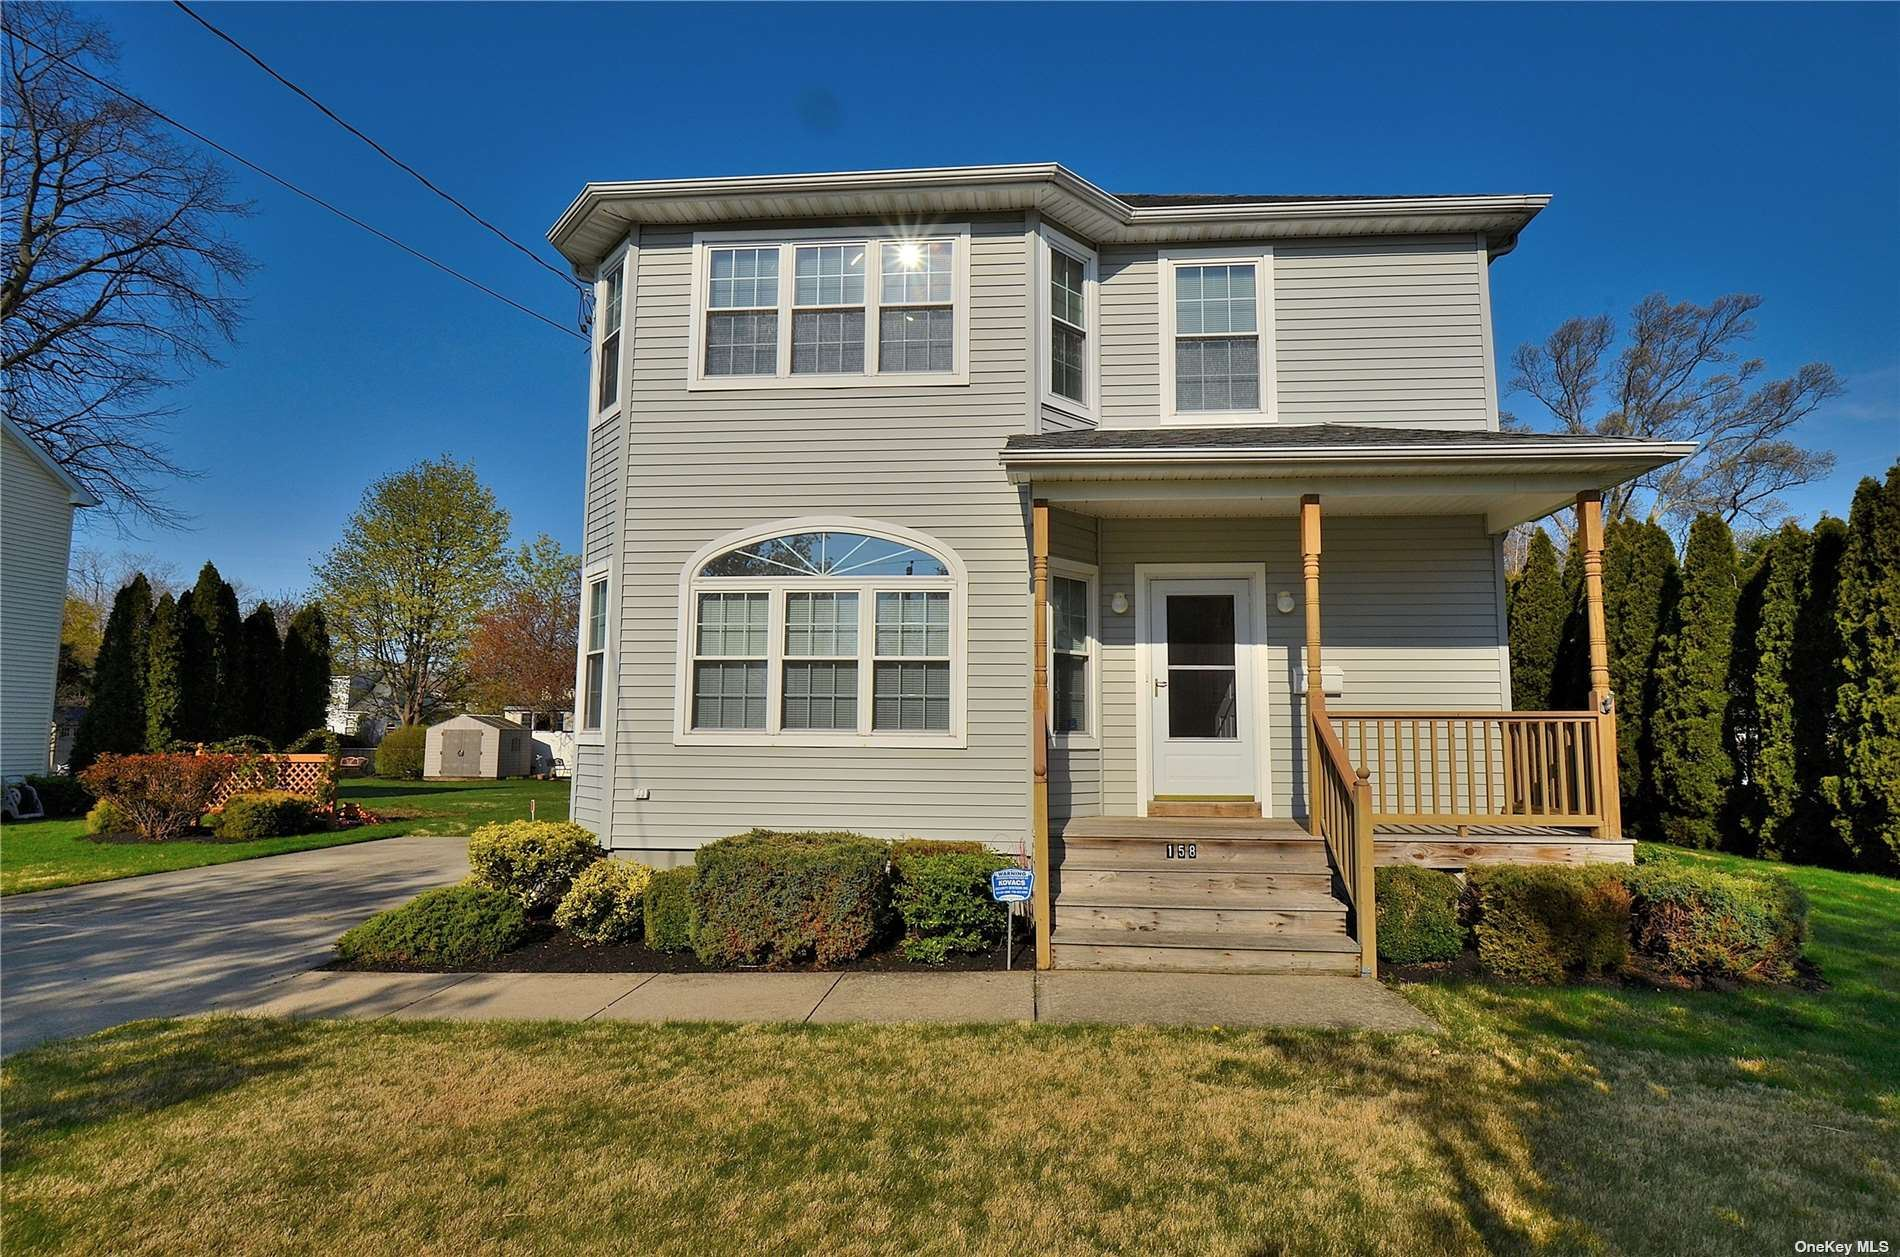 158 Homestead Avenue, Amityville, NY 11701 - MLS#: 3305852